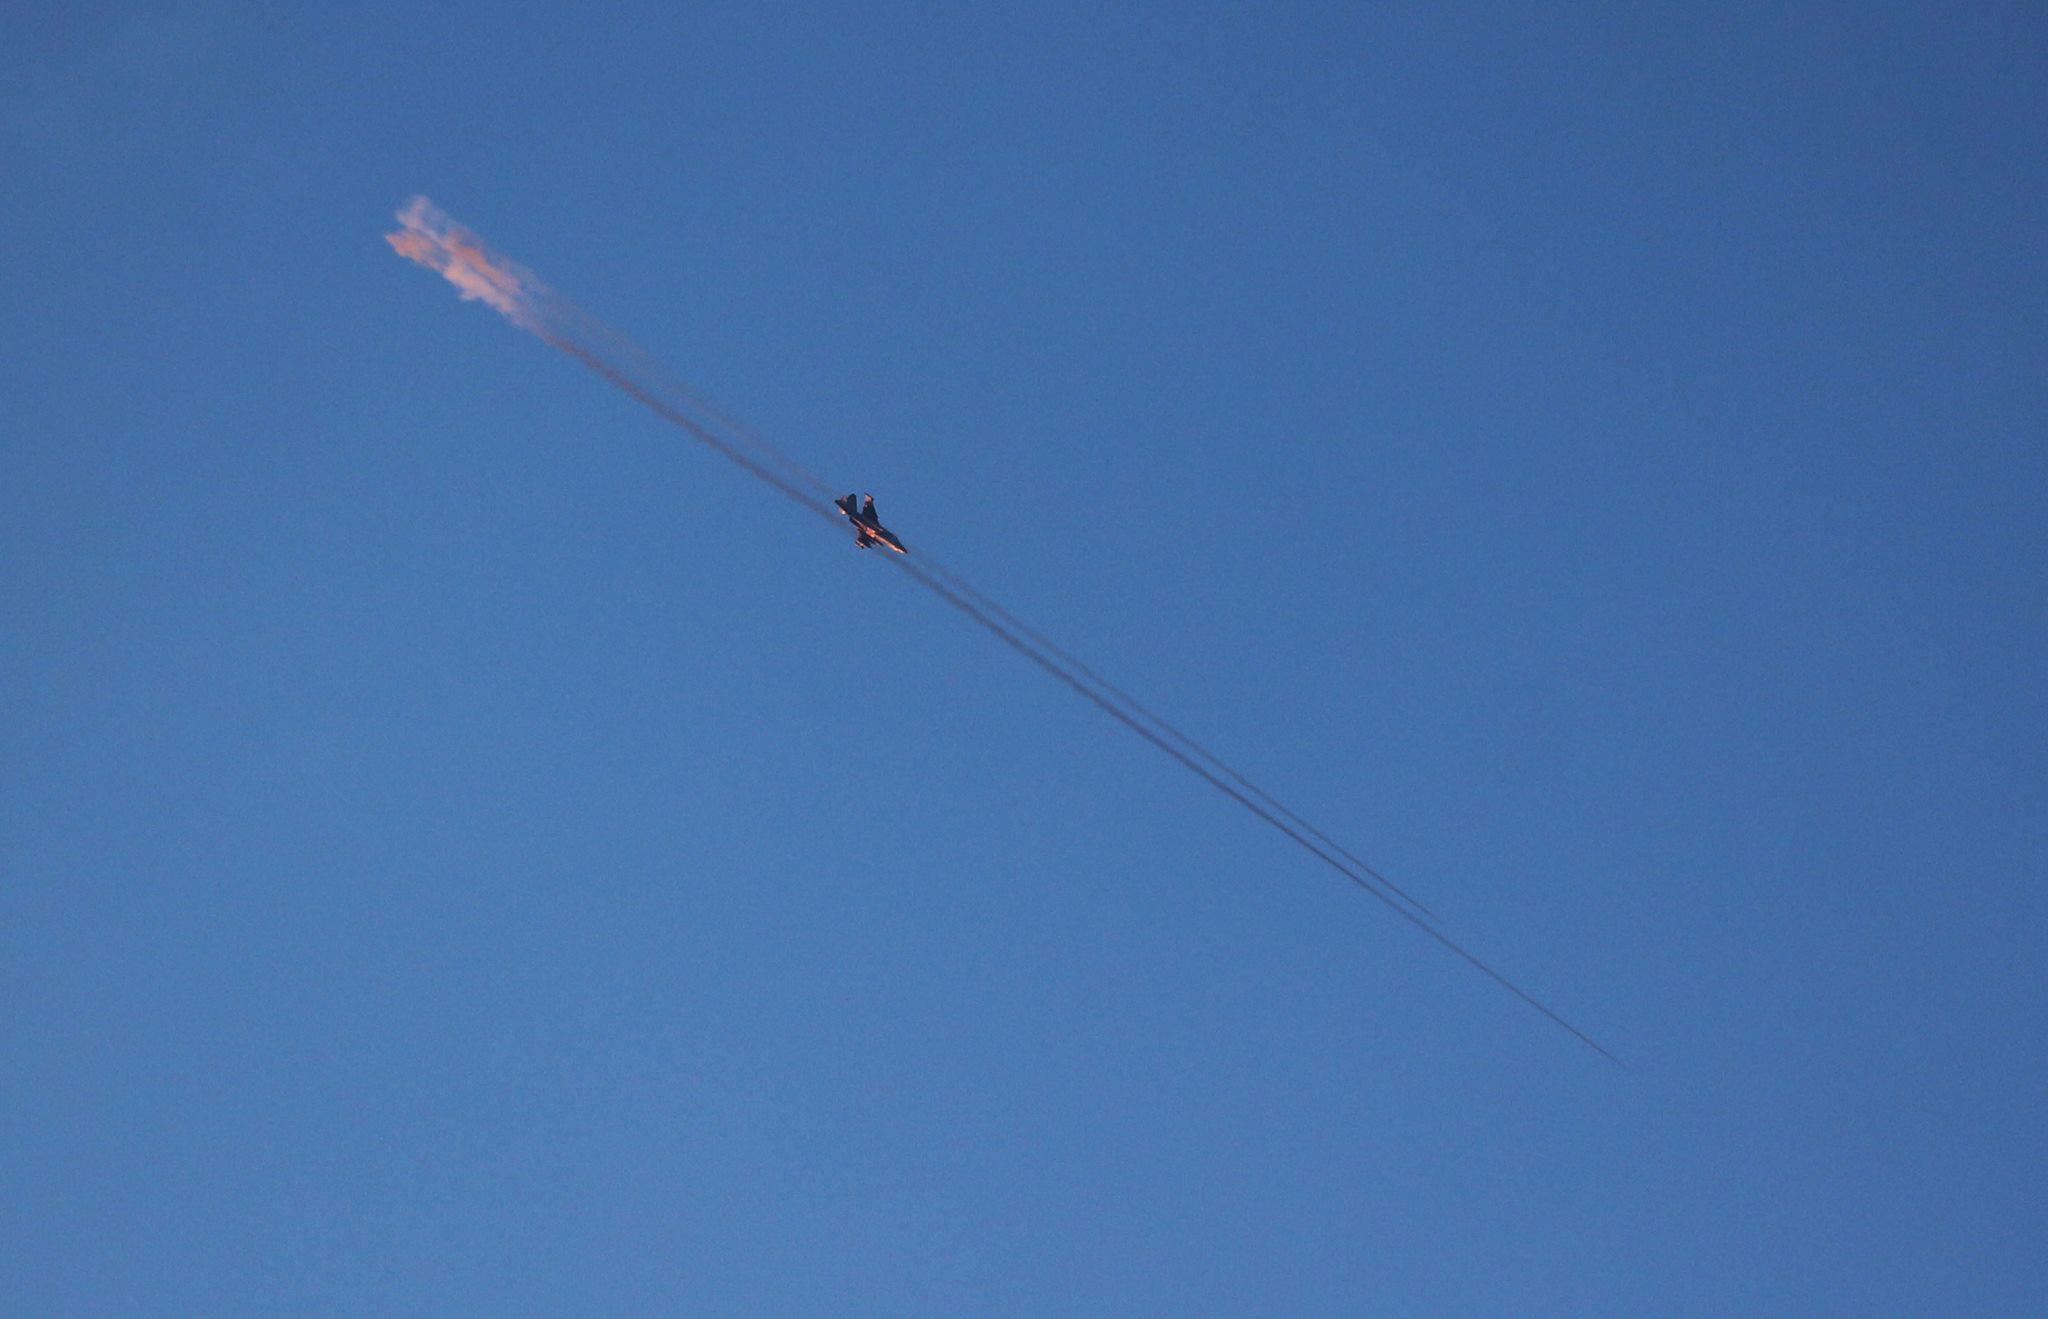 صورة روسيا تحرق إدلب والأسد يستخدم الغازات السامة